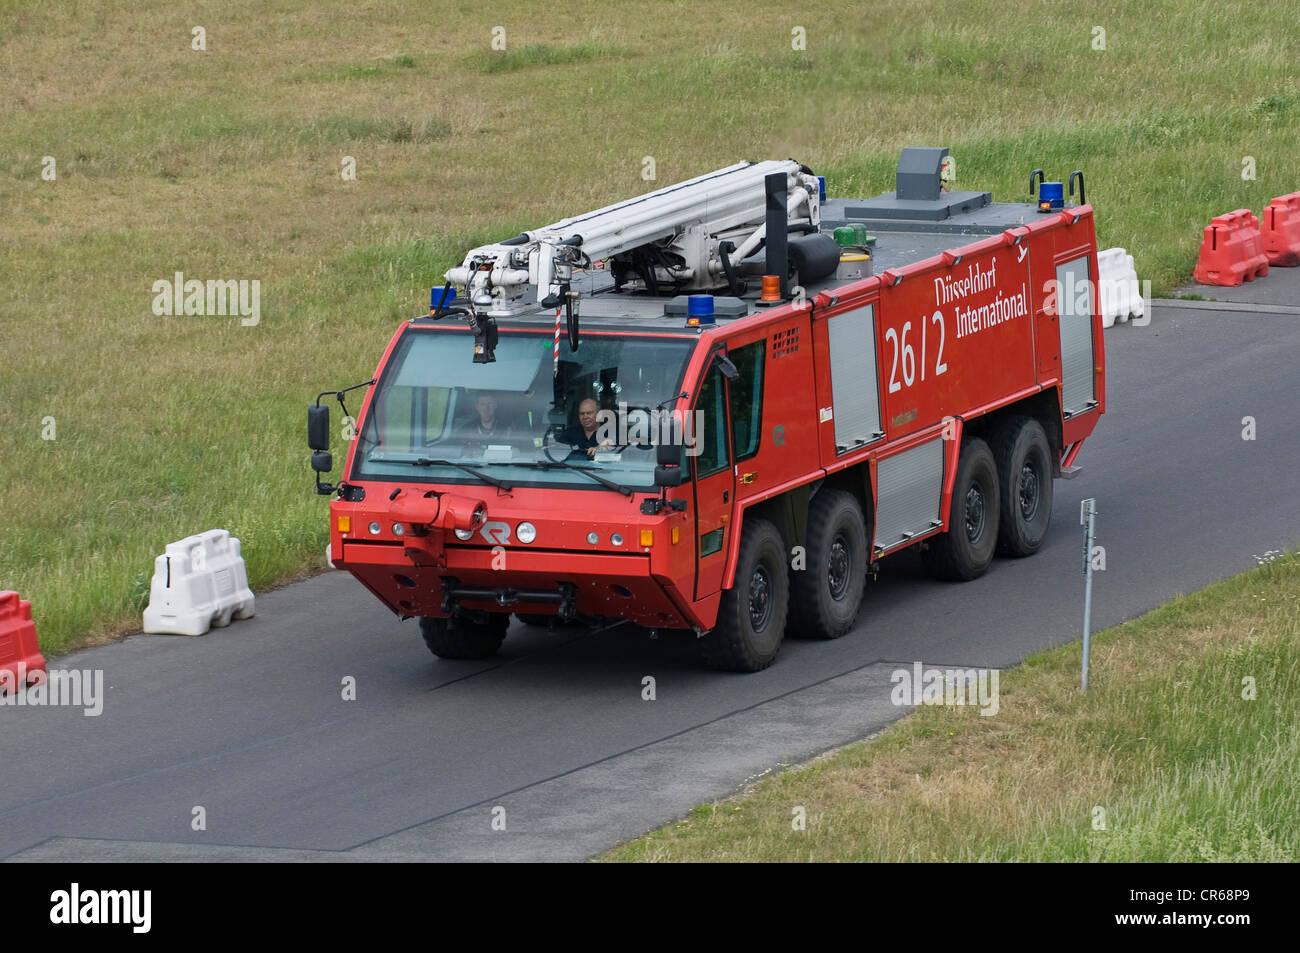 Vehículo de emergencia de los bomberos, el Aeropuerto Internacional de Dusseldorf, Dusseldorf, Renania del Imagen De Stock